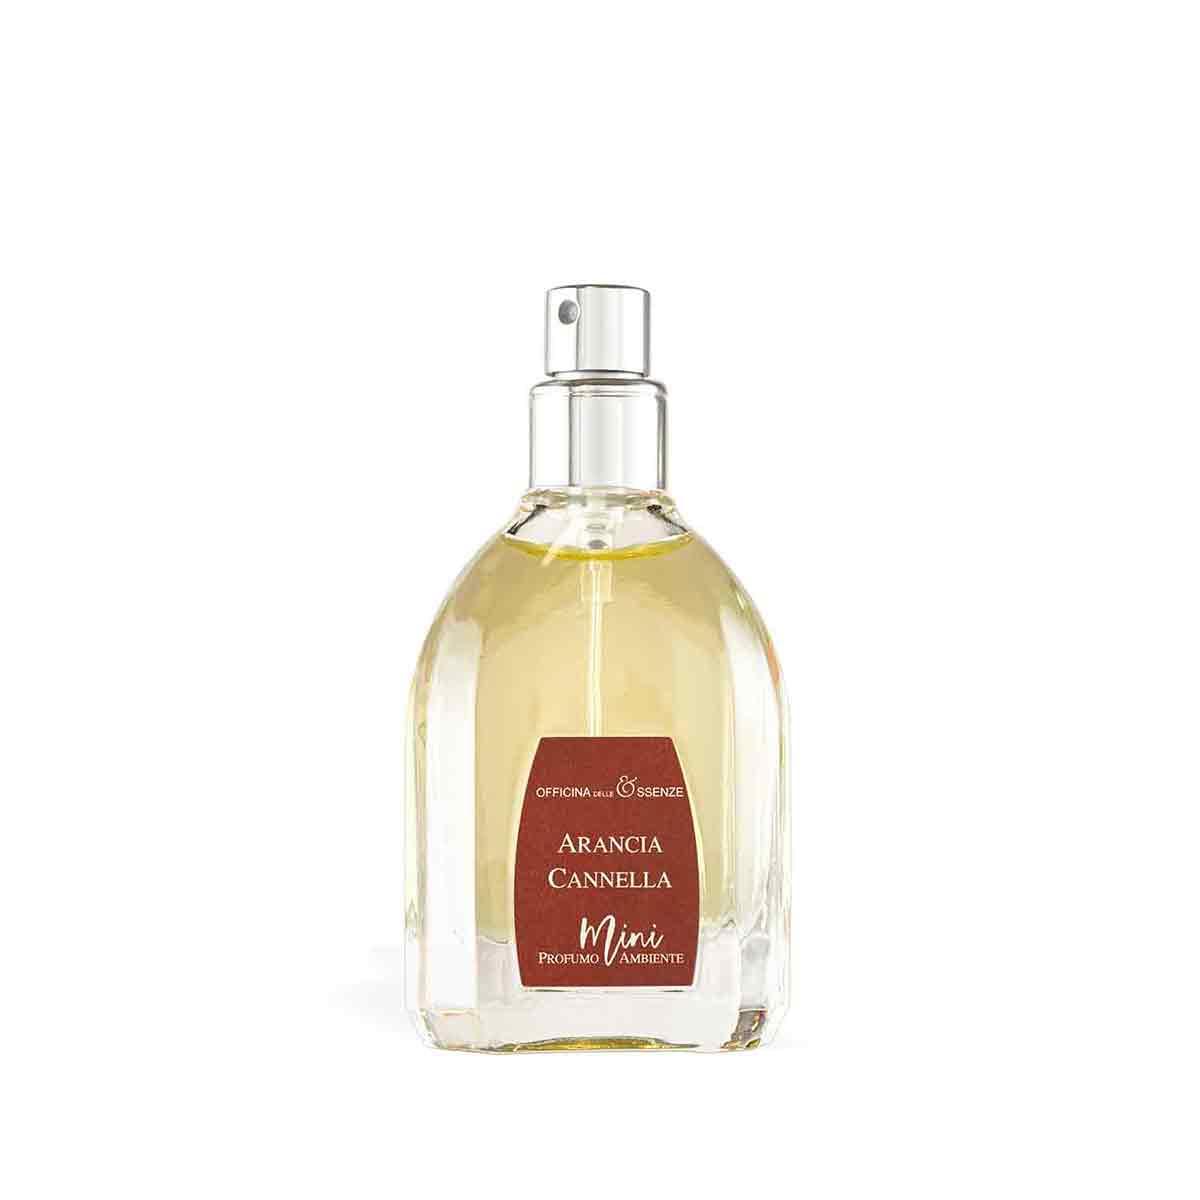 Mini profumo ambiente di Arancia & Cannella da 25 ml